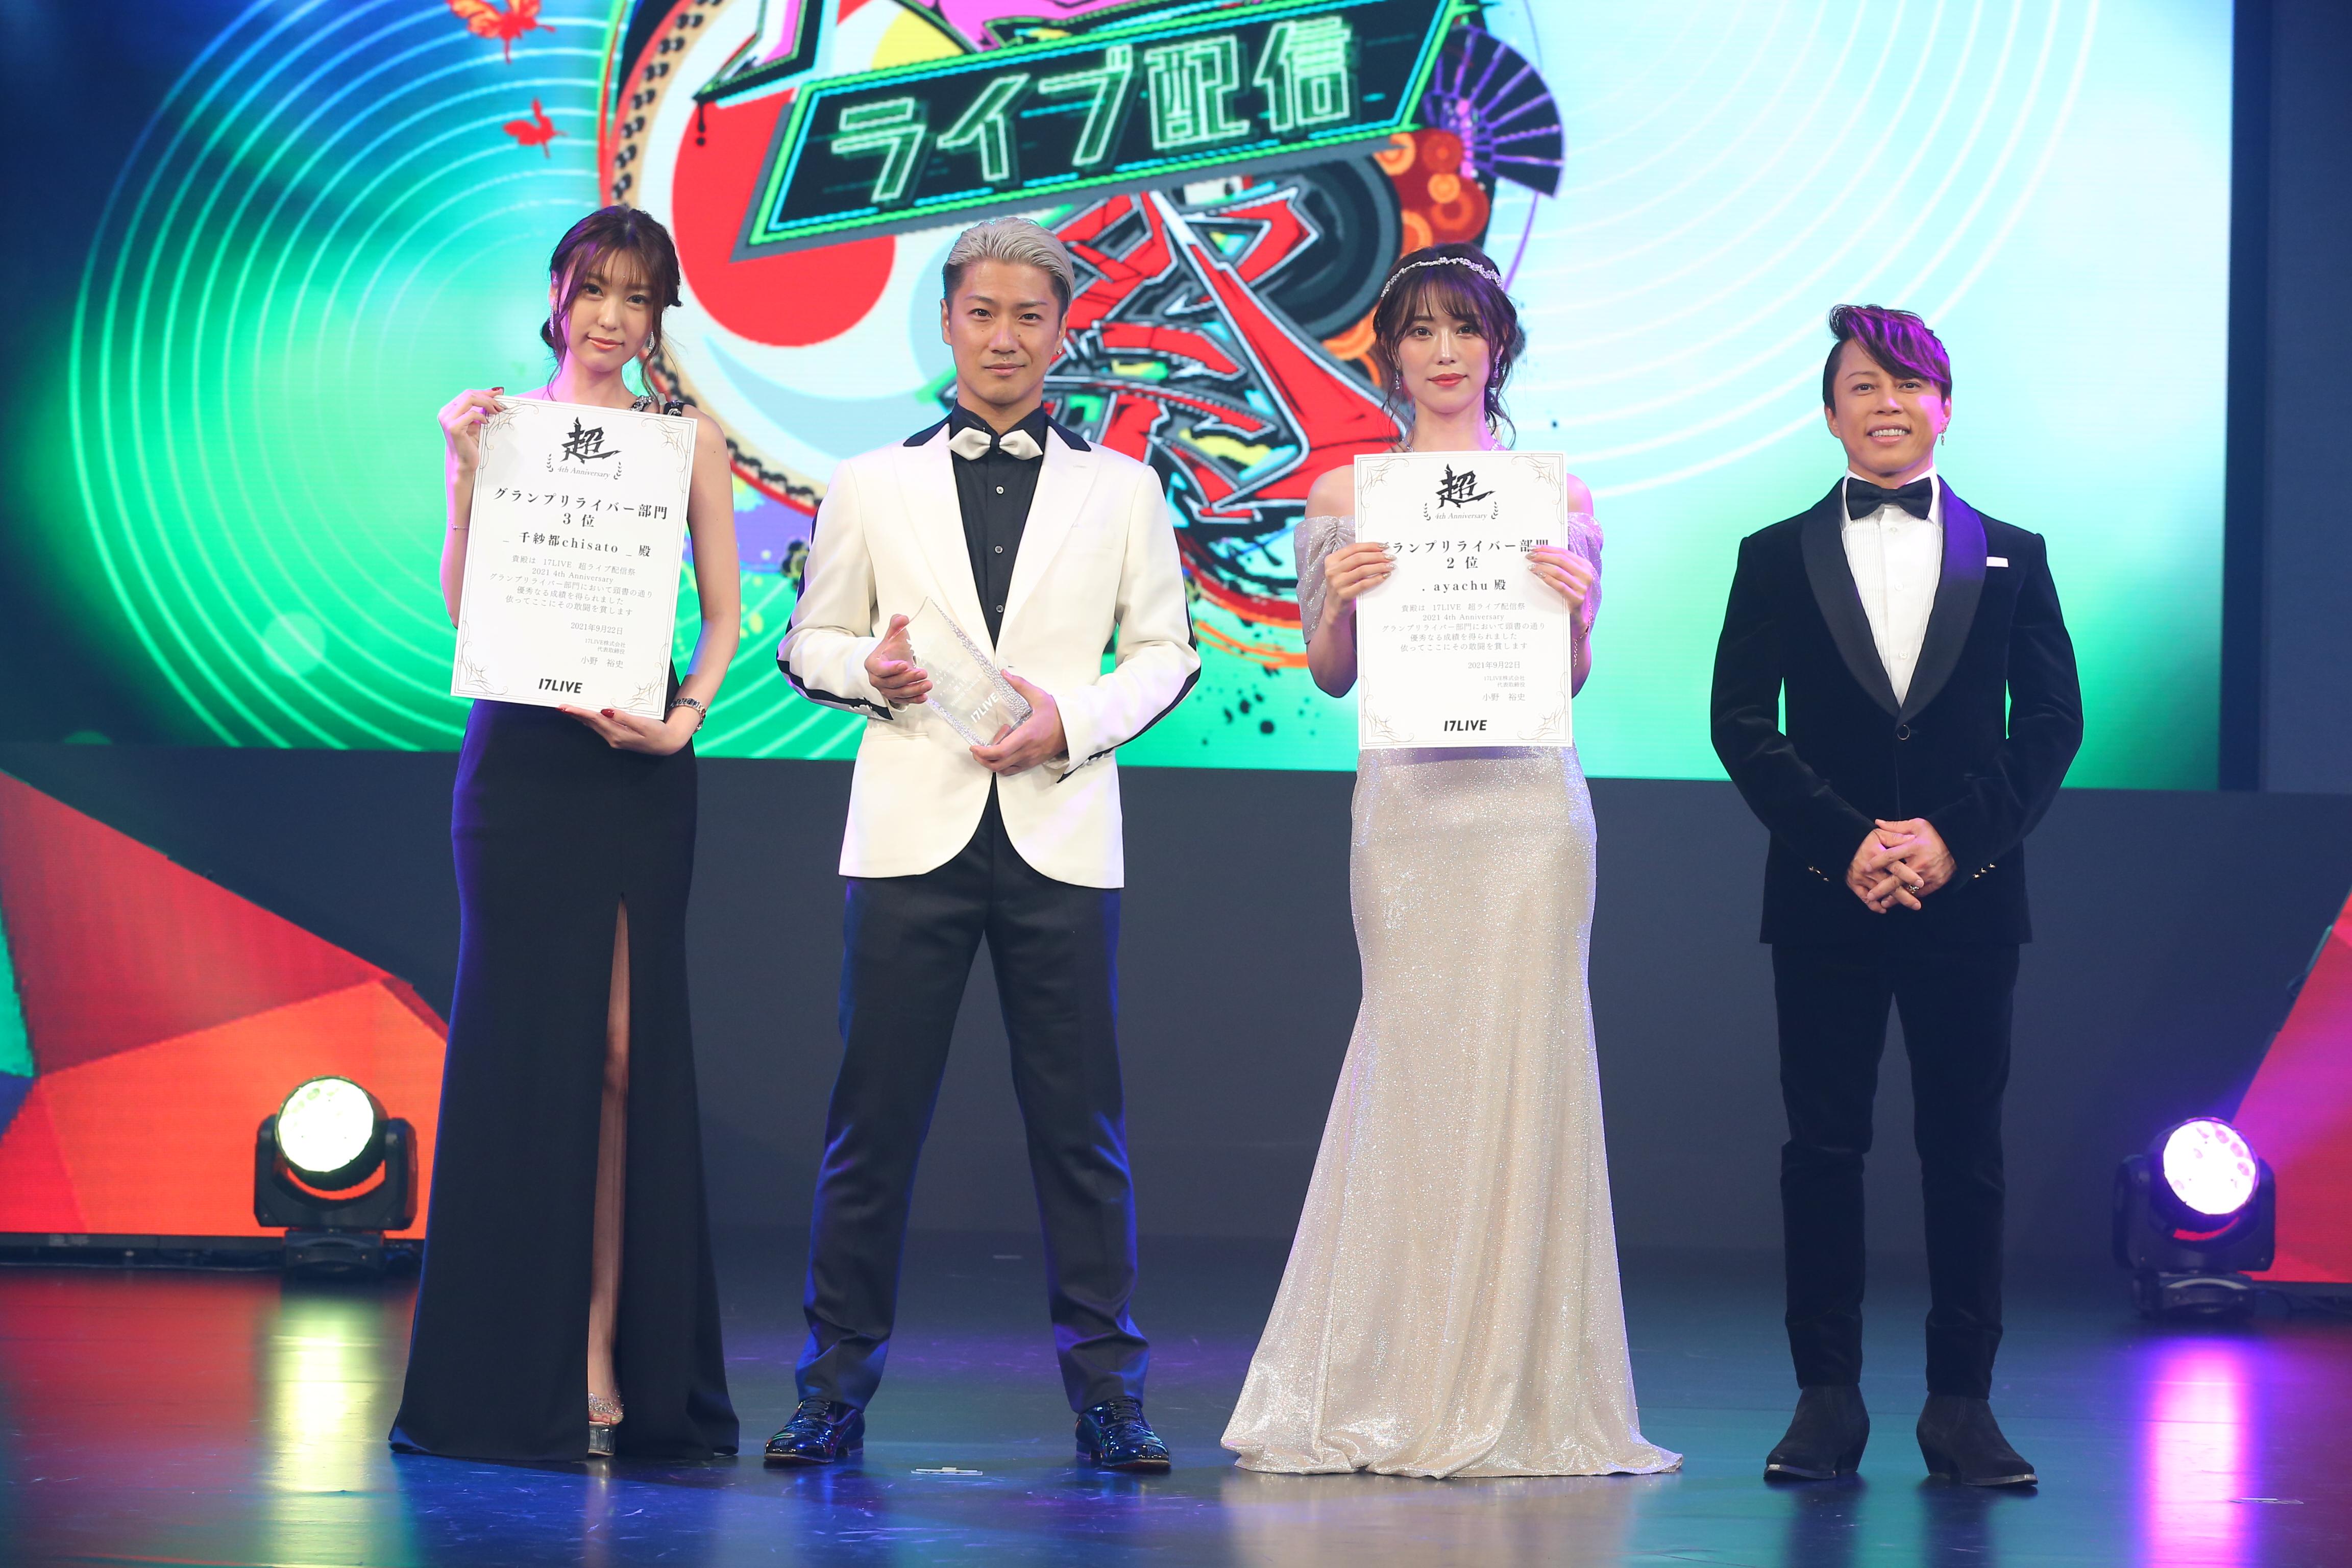 (左から)「グランプリライバー部門」3位の「千紗都 Chisato」さん、1位の「岸田直樹 Naoking」さん、2位の.ayachuさん、プレゼンターの西川貴教 。 ©「17LIVE」